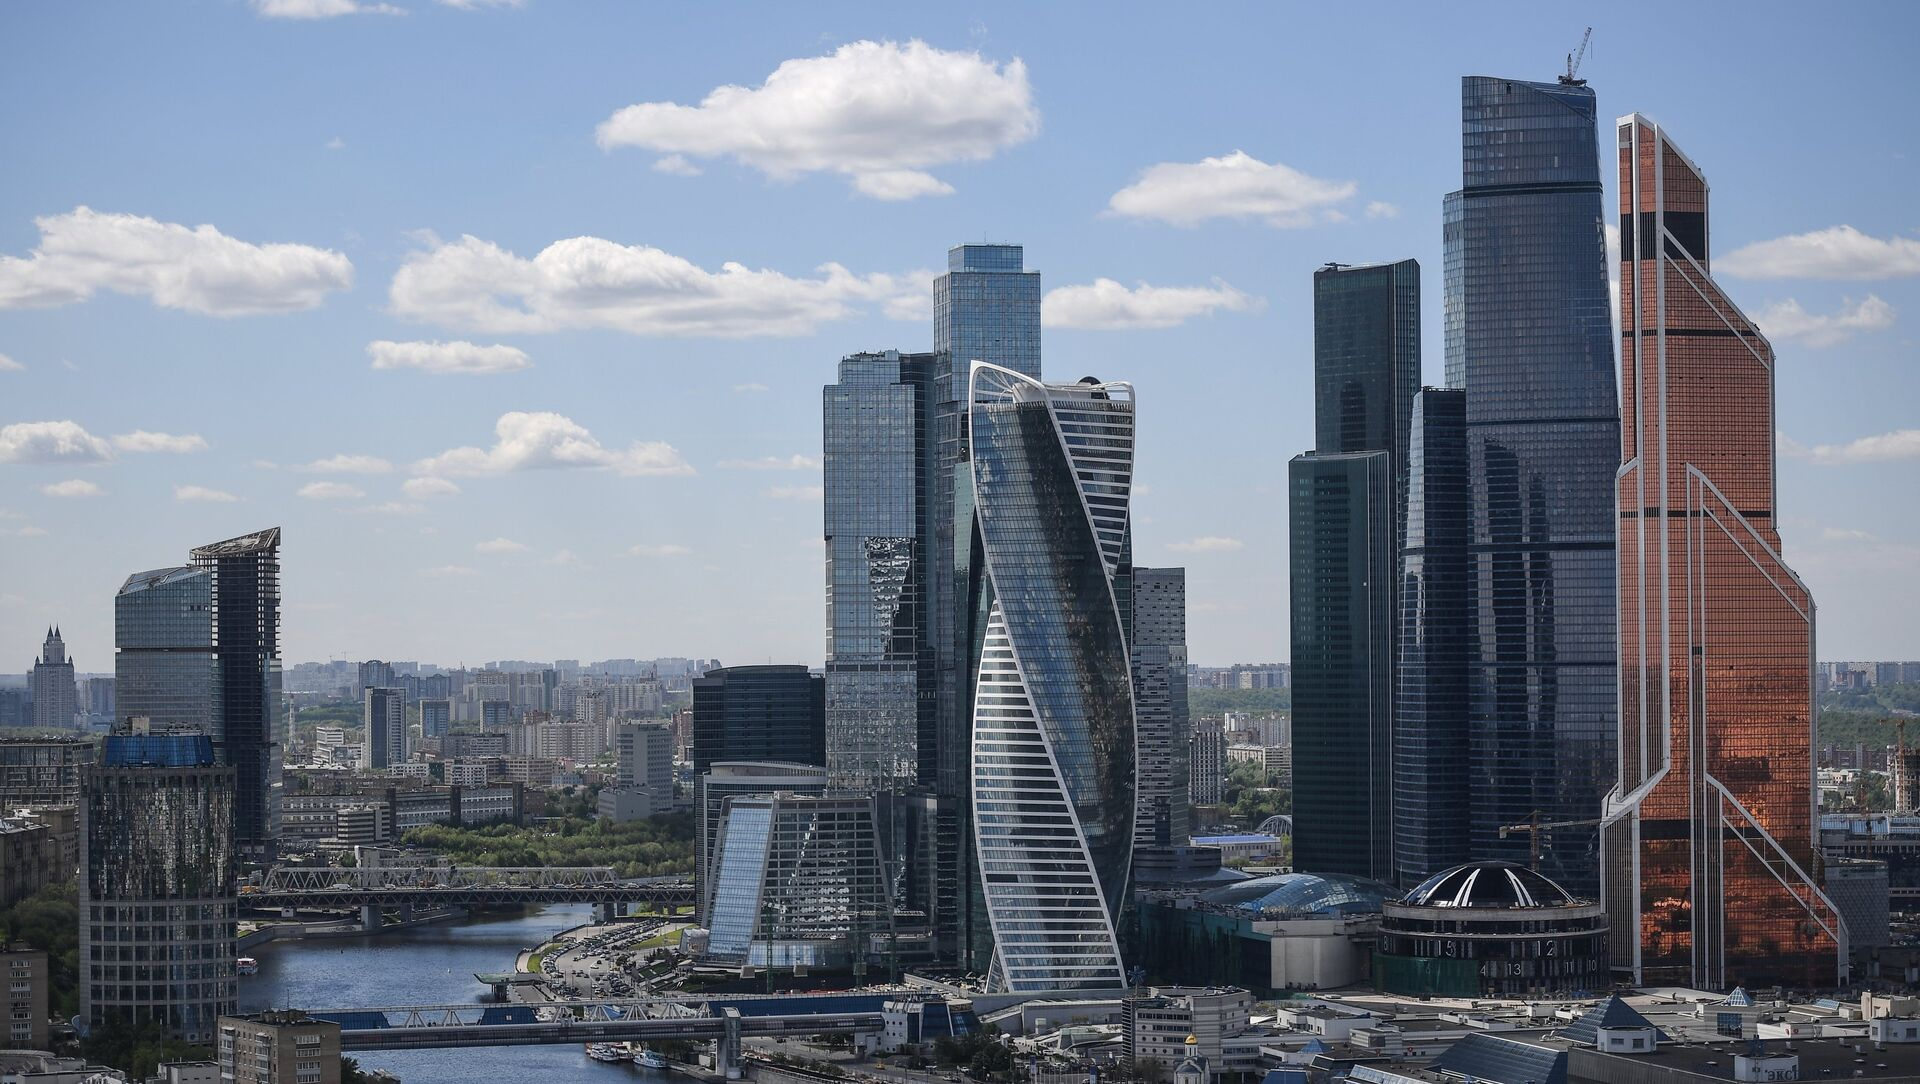 Вид на международный деловой центр Москва-Сити с гостиницы Украина в Москве - Sputnik Азербайджан, 1920, 27.06.2021